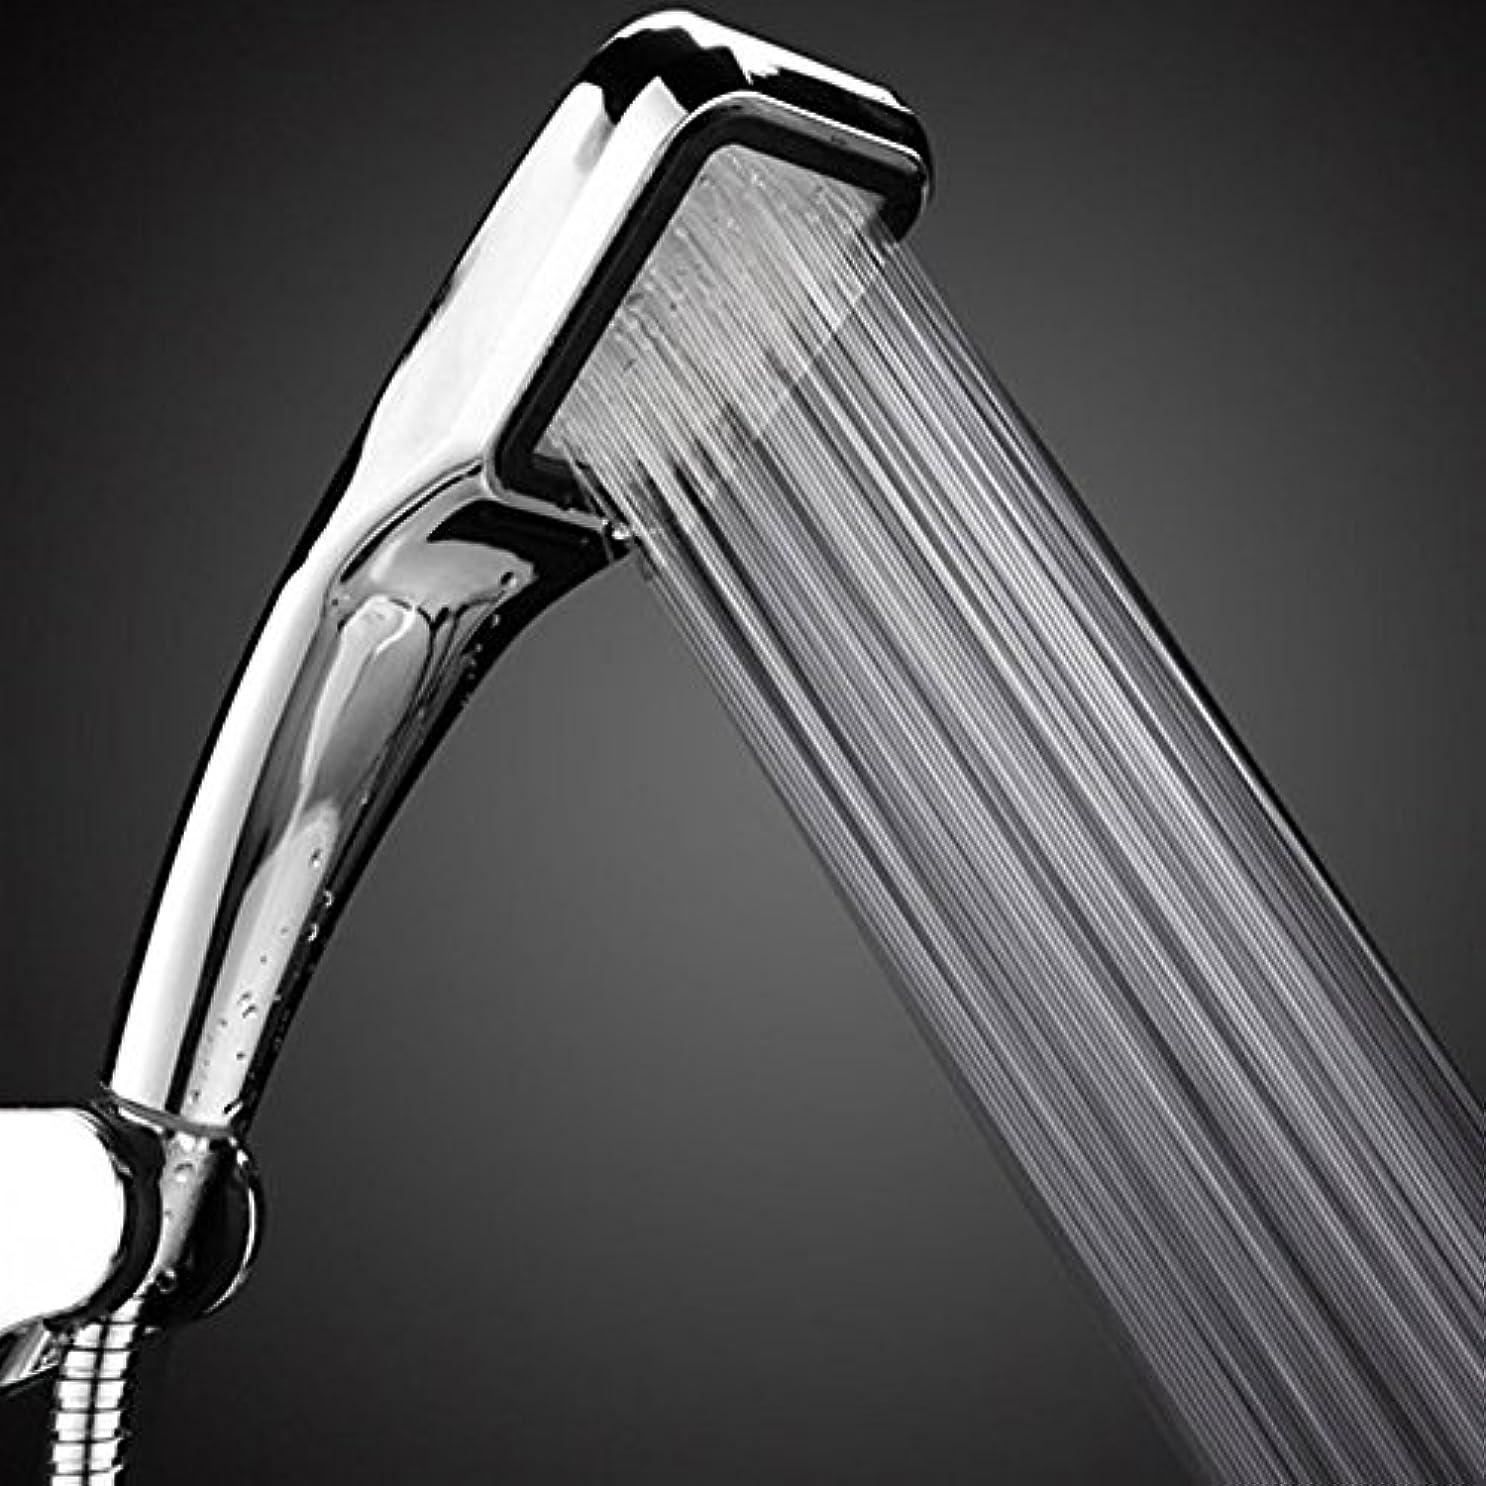 投票インチ効率365 Cor ( TM )ヘッド300穴水保存Square付きABSクロームメッキ浴室Rainfallシャワーノズルエアレーター高圧力シャワーヘッド